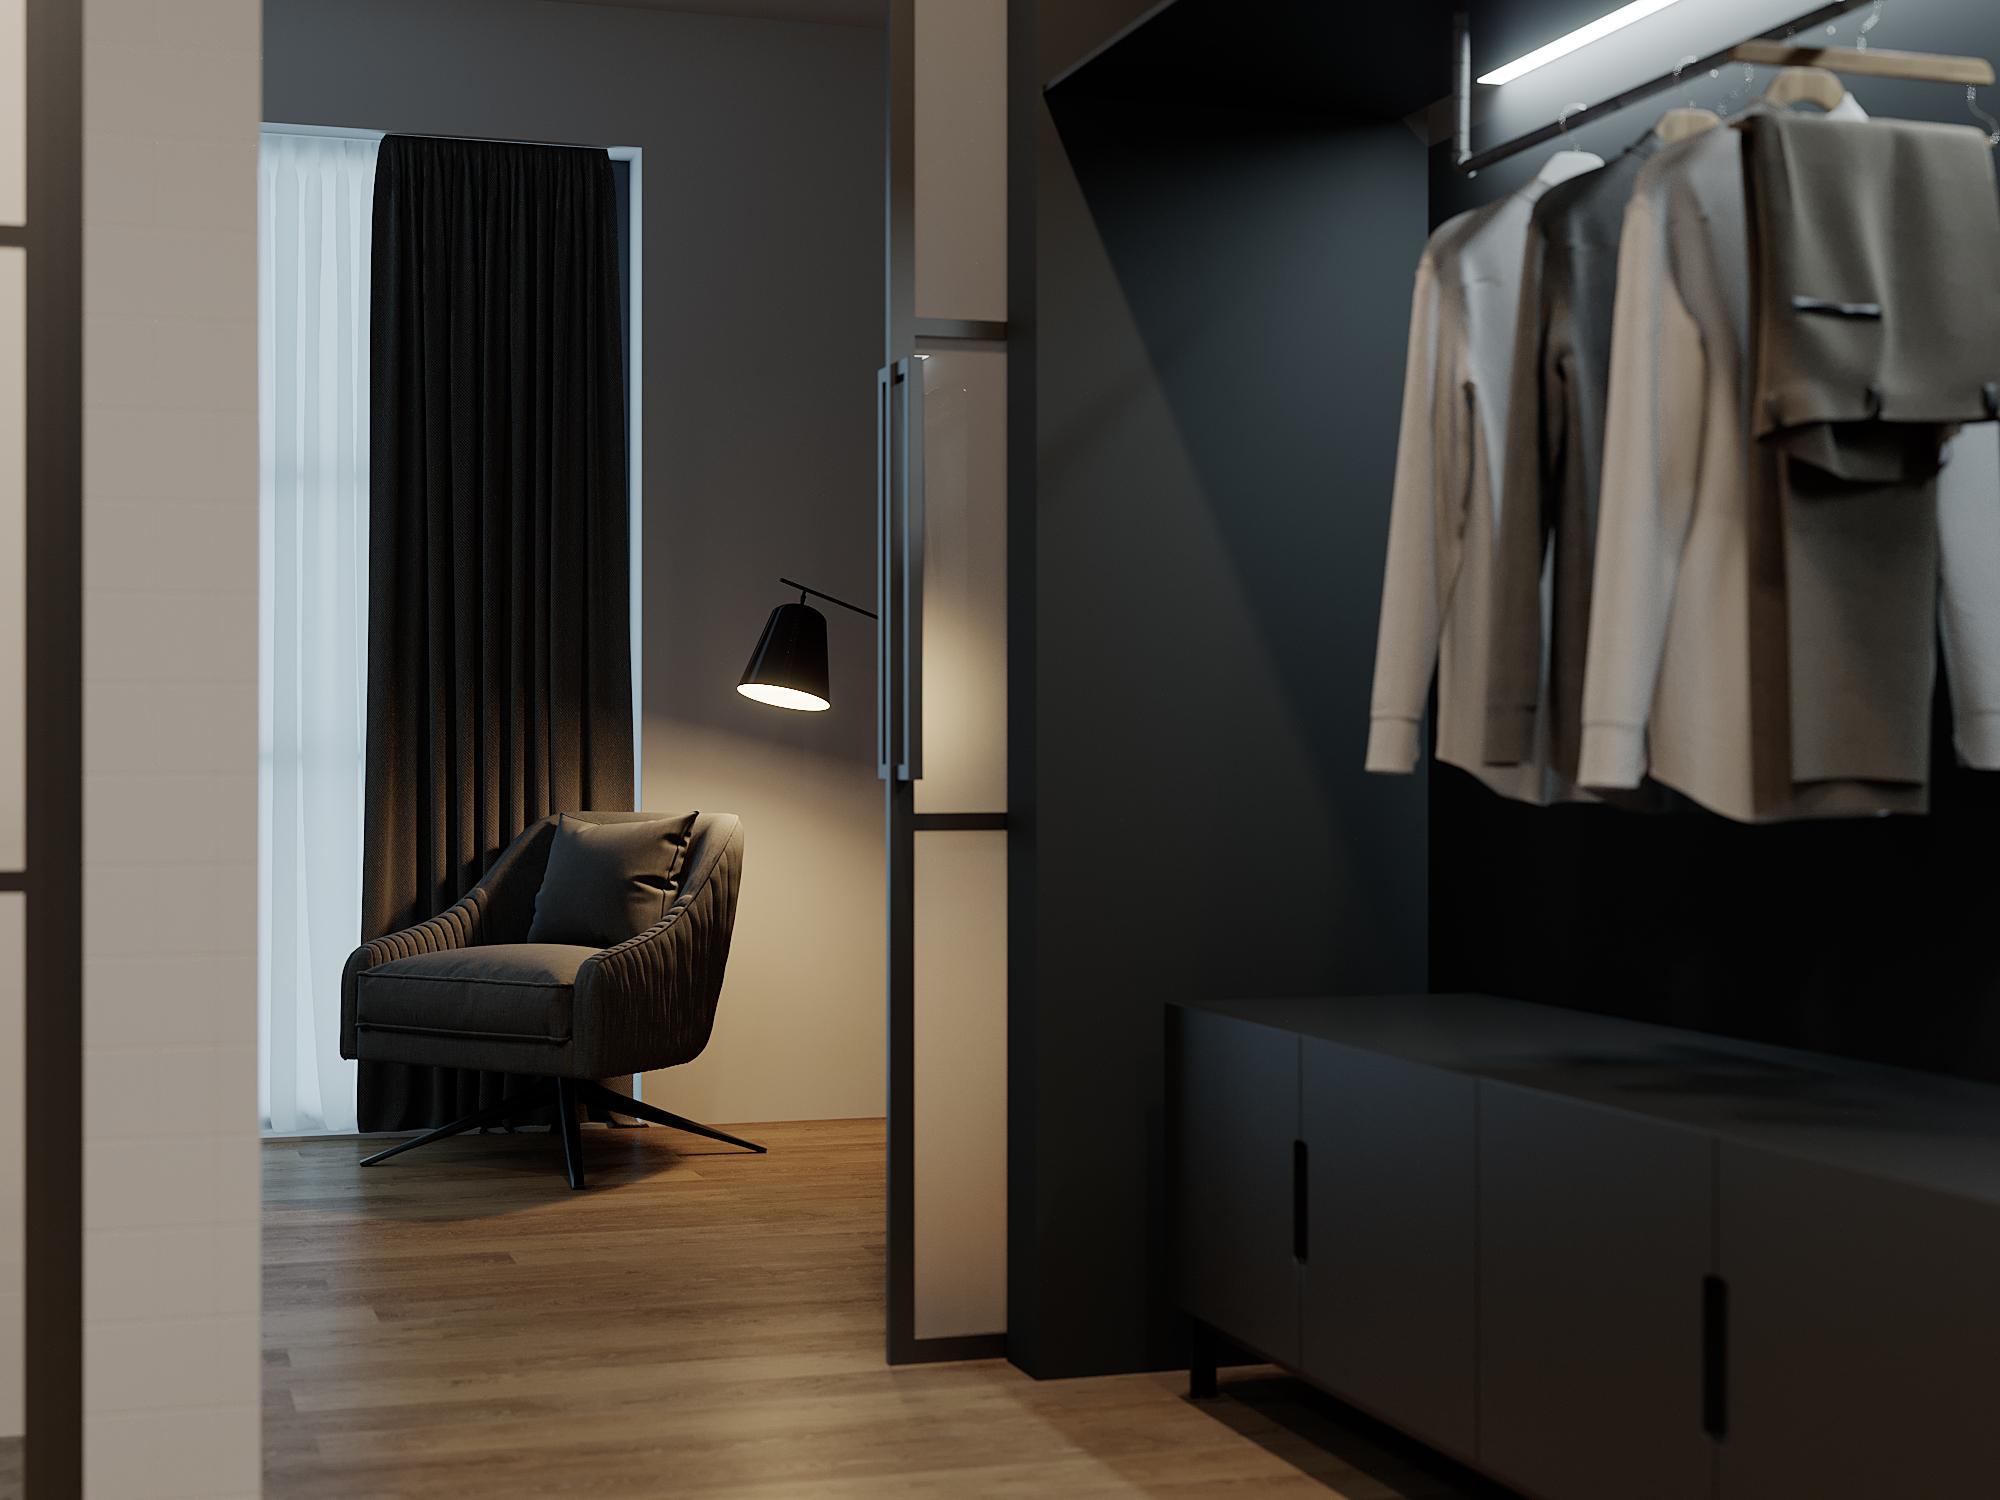 GS2  - Seethrough Bedroom MO_Camera_1_a.jpg